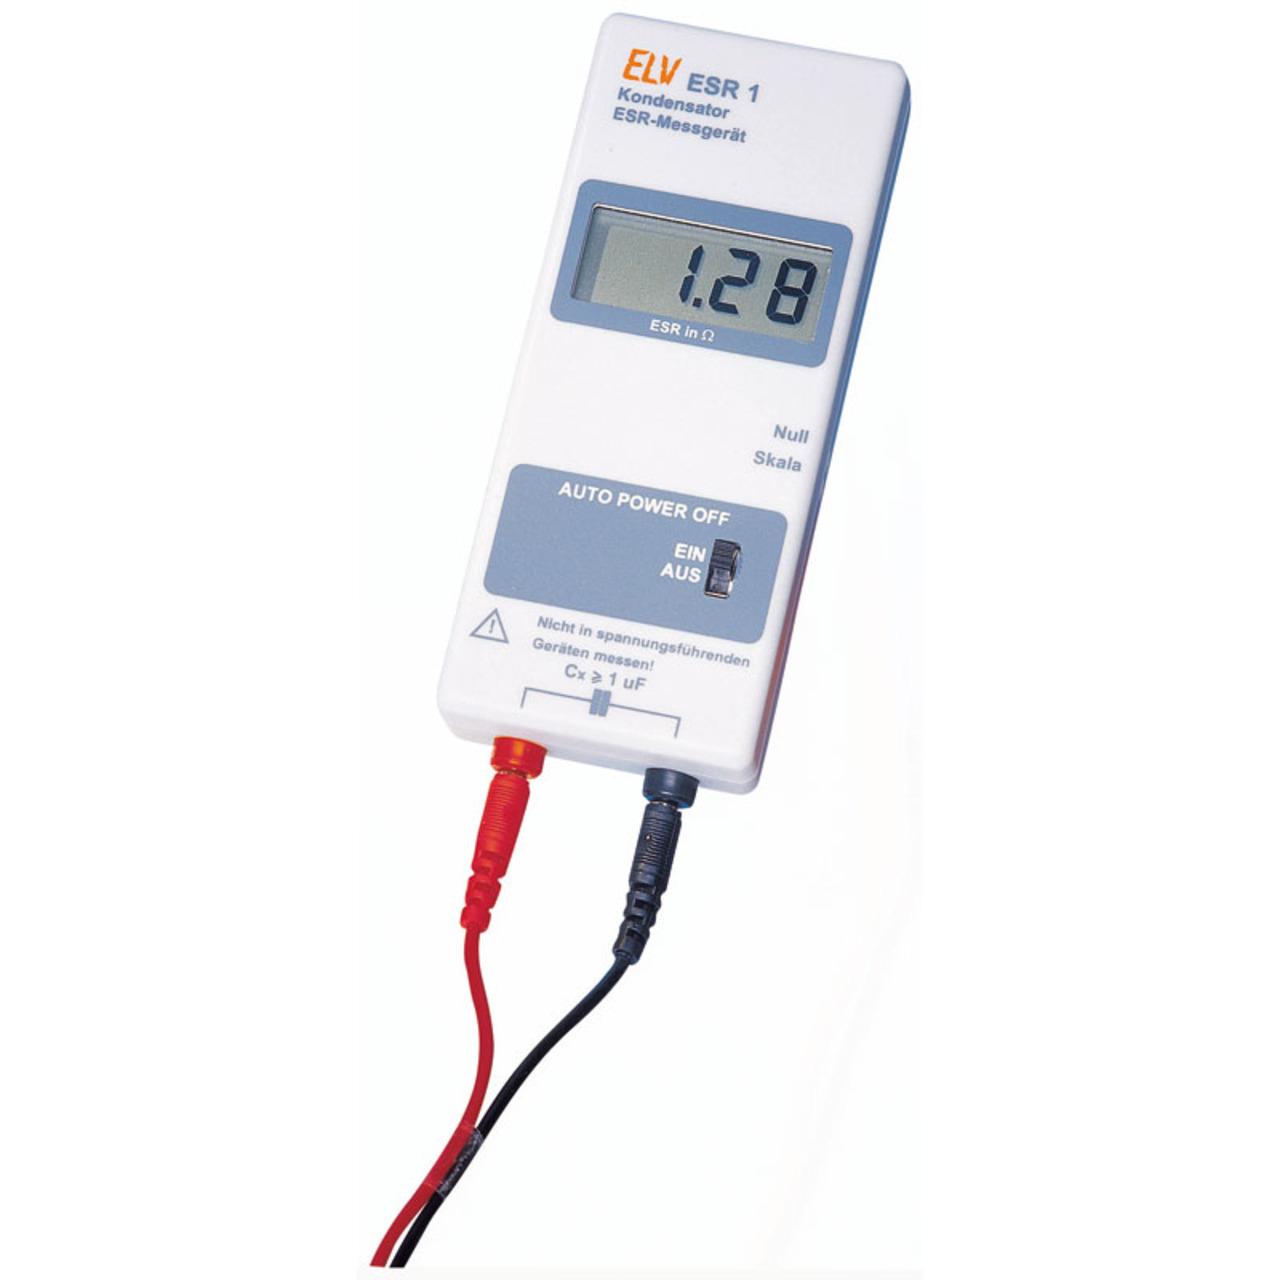 ELV Bausatz ESR-Messgerät ESR 1 inkl- Messleitungen